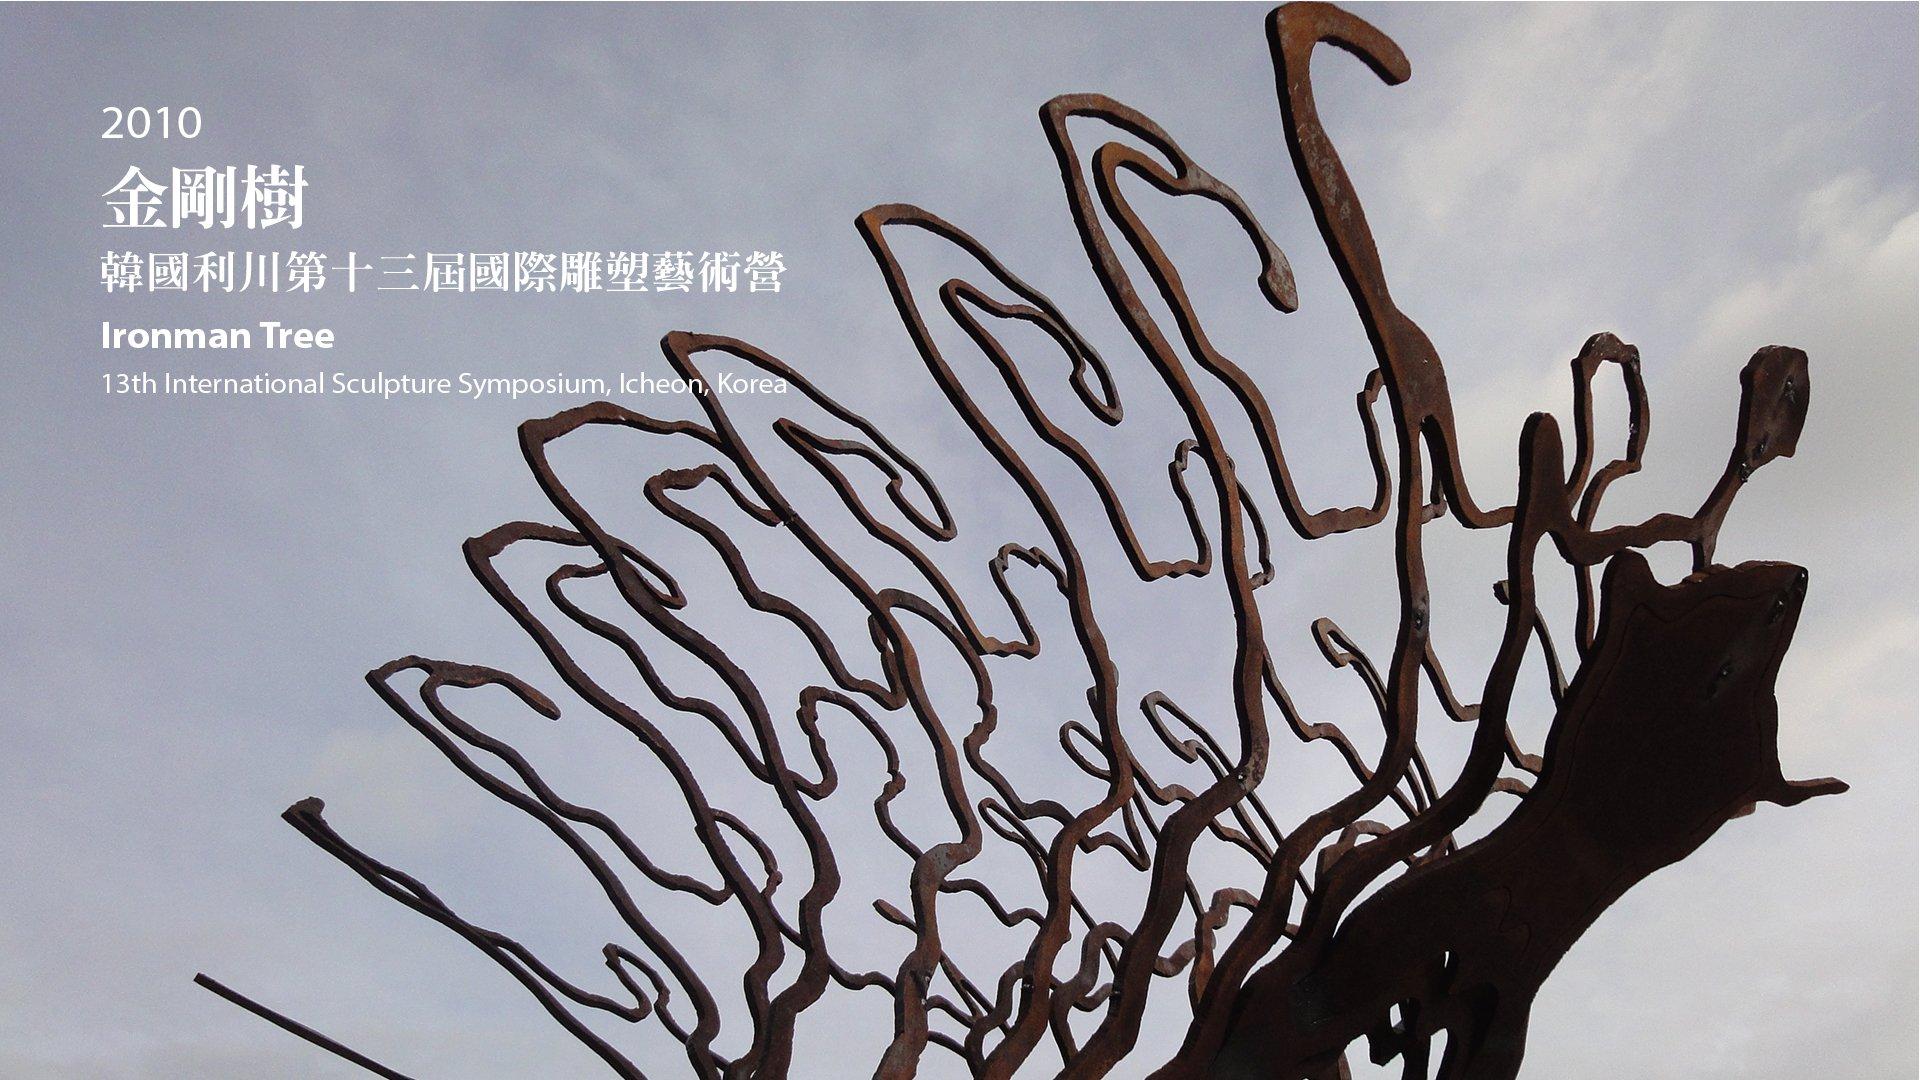 2010 韓國利川第十三屆國際雕塑創作營 -